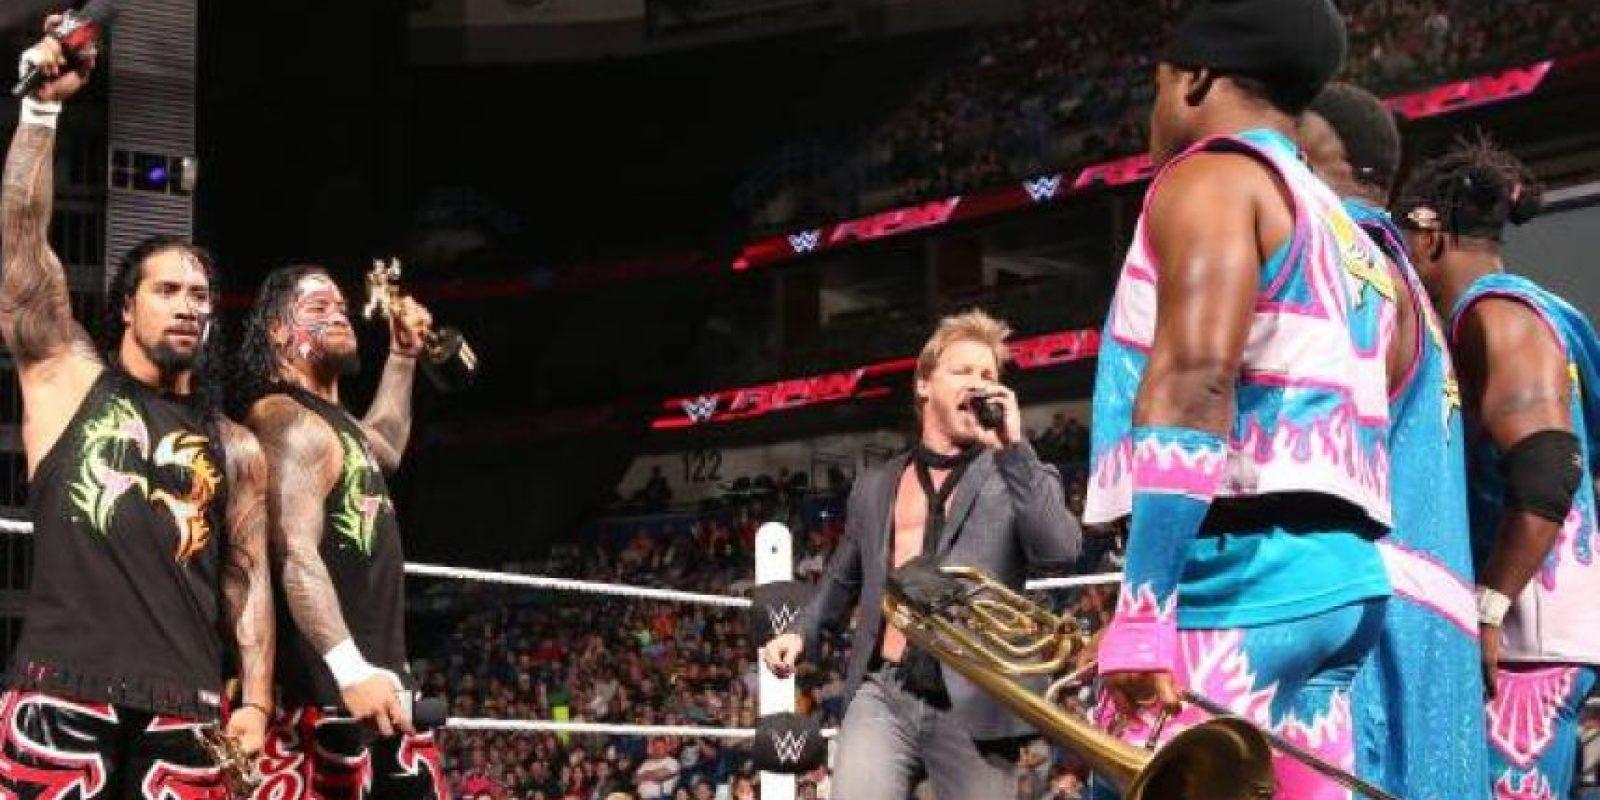 Pelearán contra The Usos, por el Campeonato en Parejas Foto:WWE